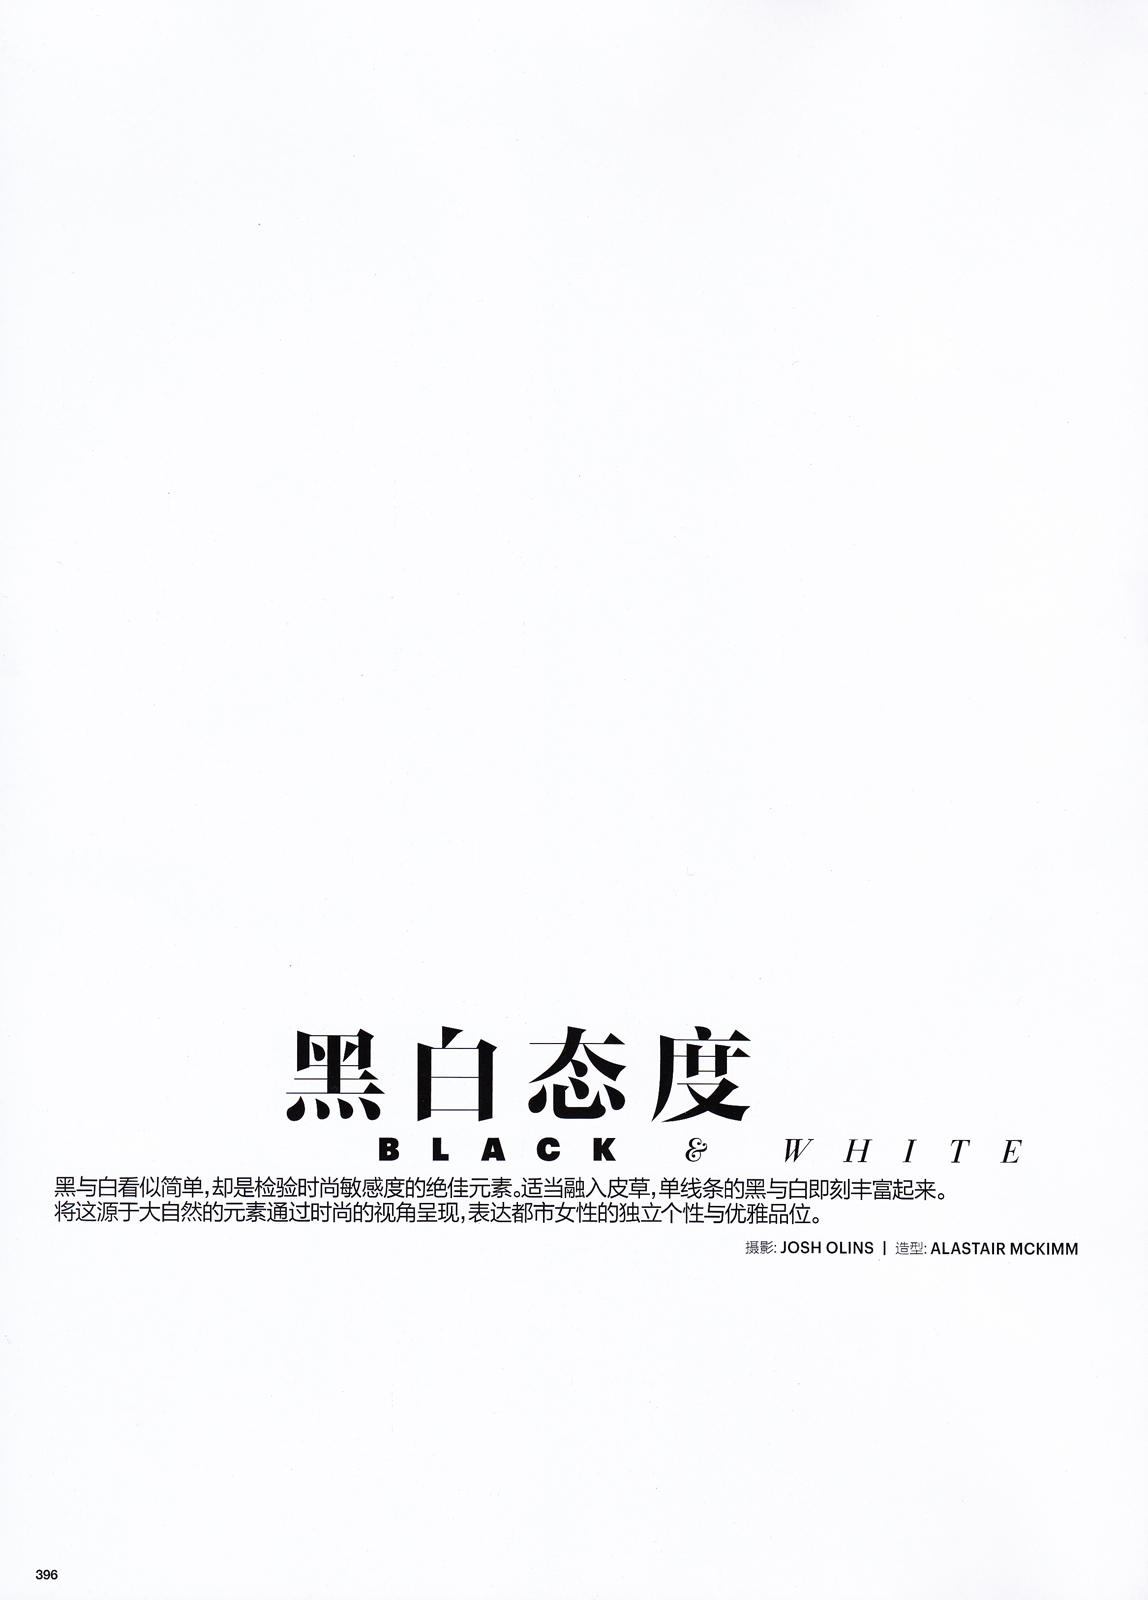 Fei Fei Sun 001